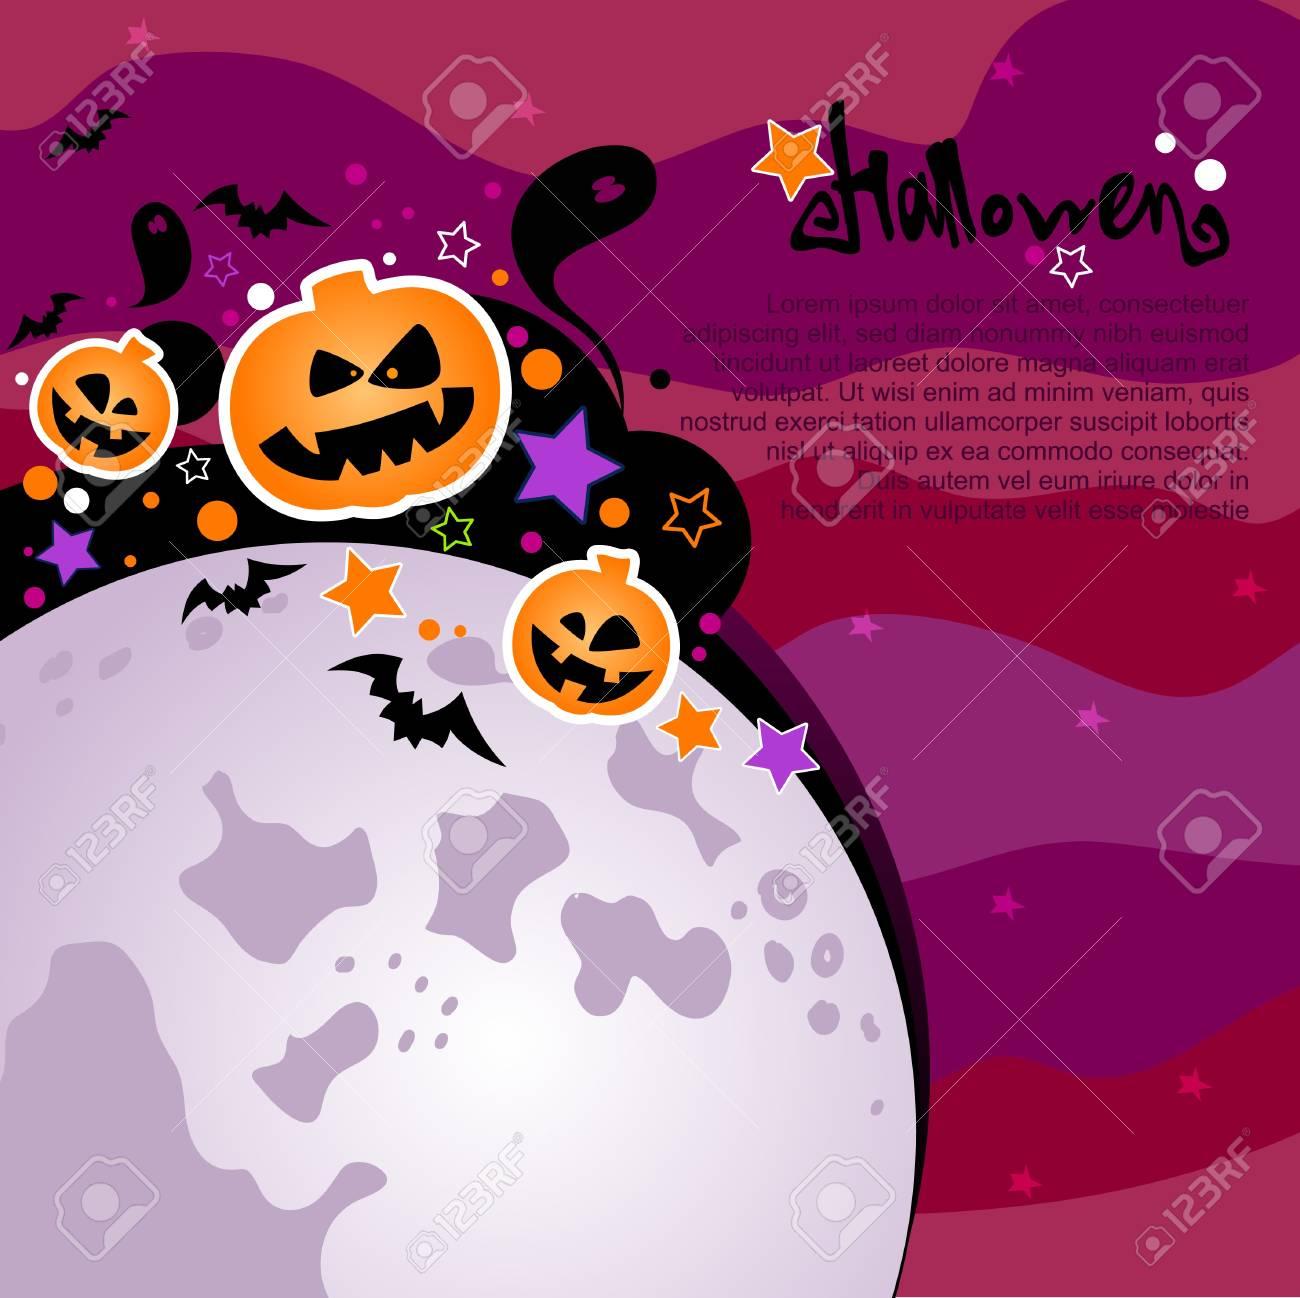 Halloween background Stock Vector - 15441928